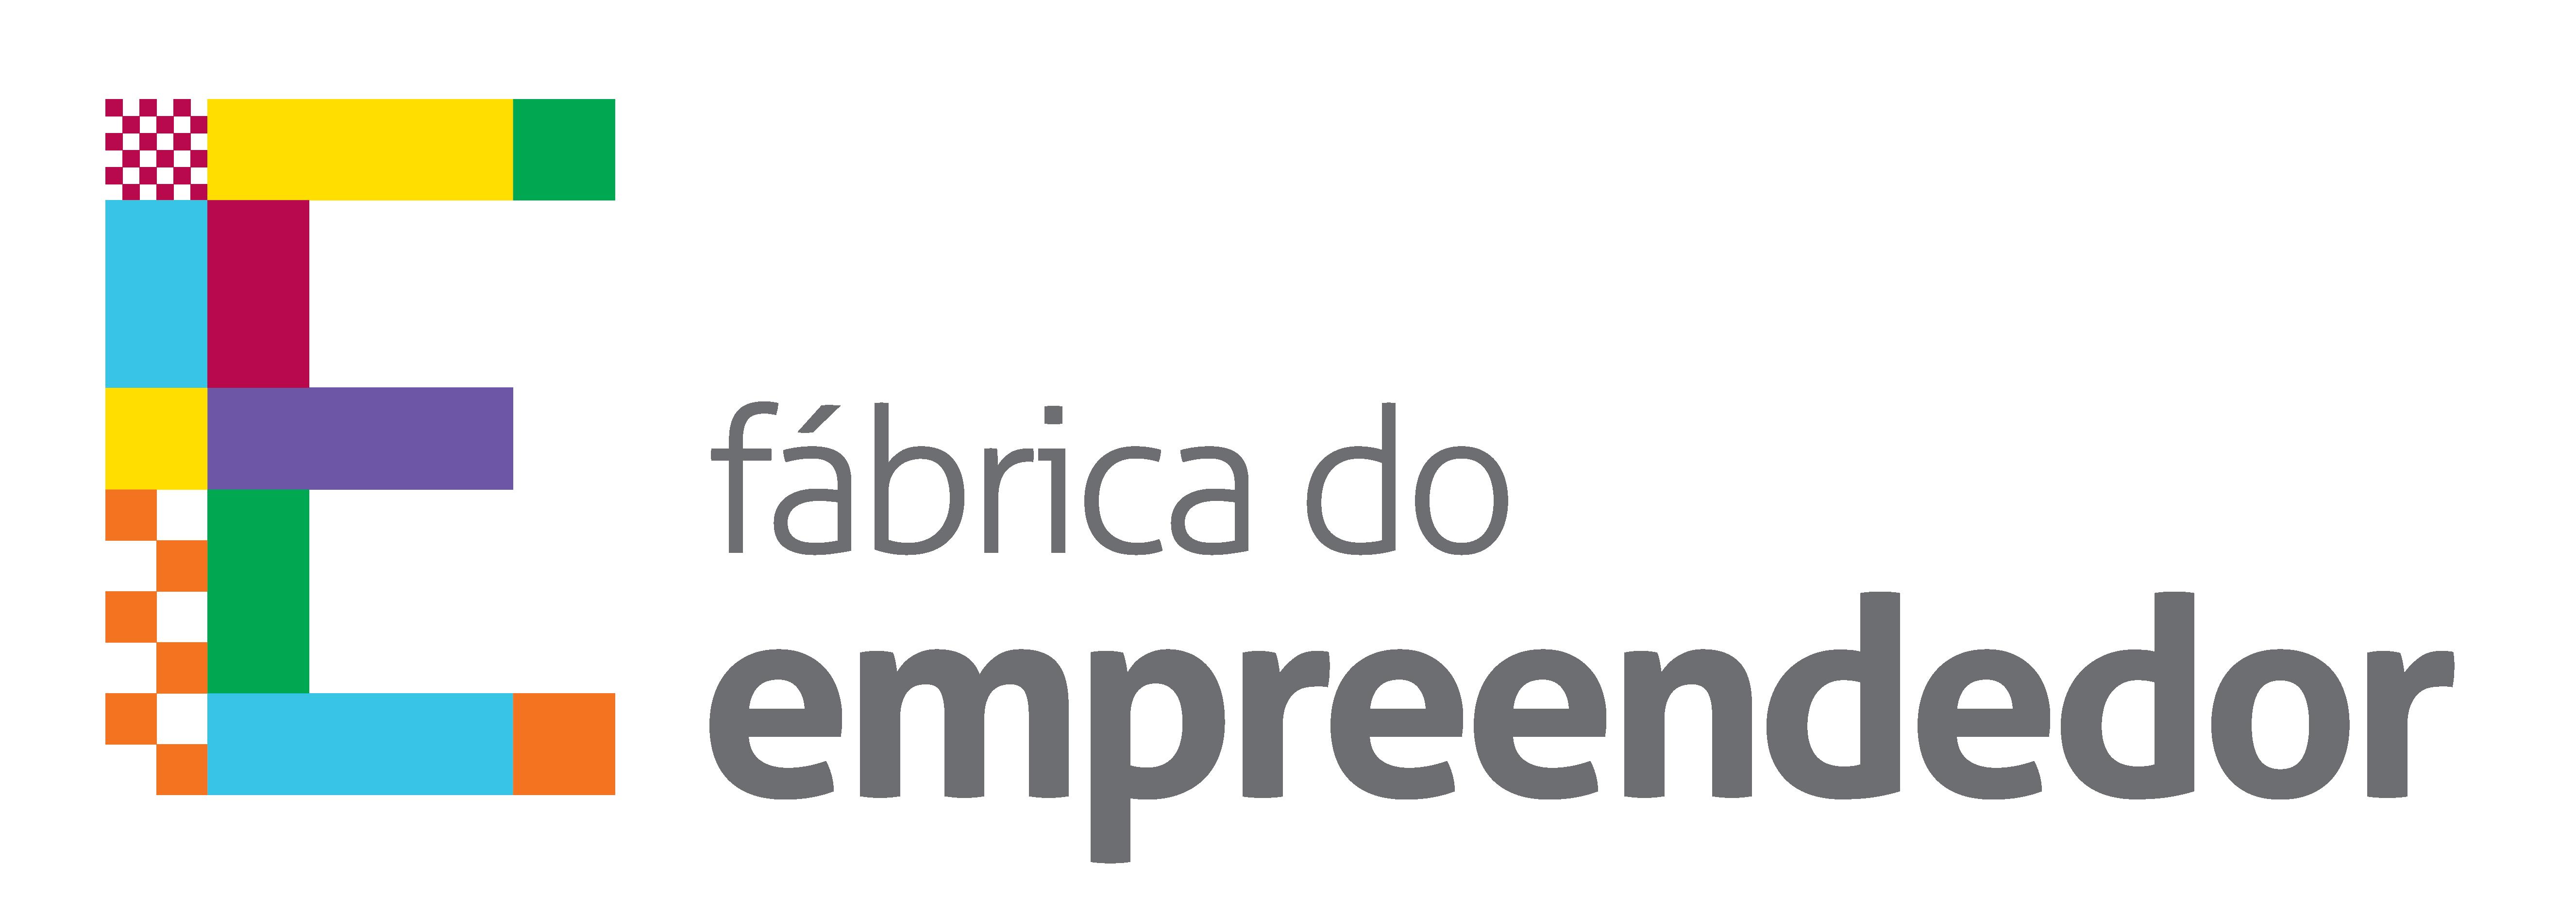 Fábrica do Empreendedor